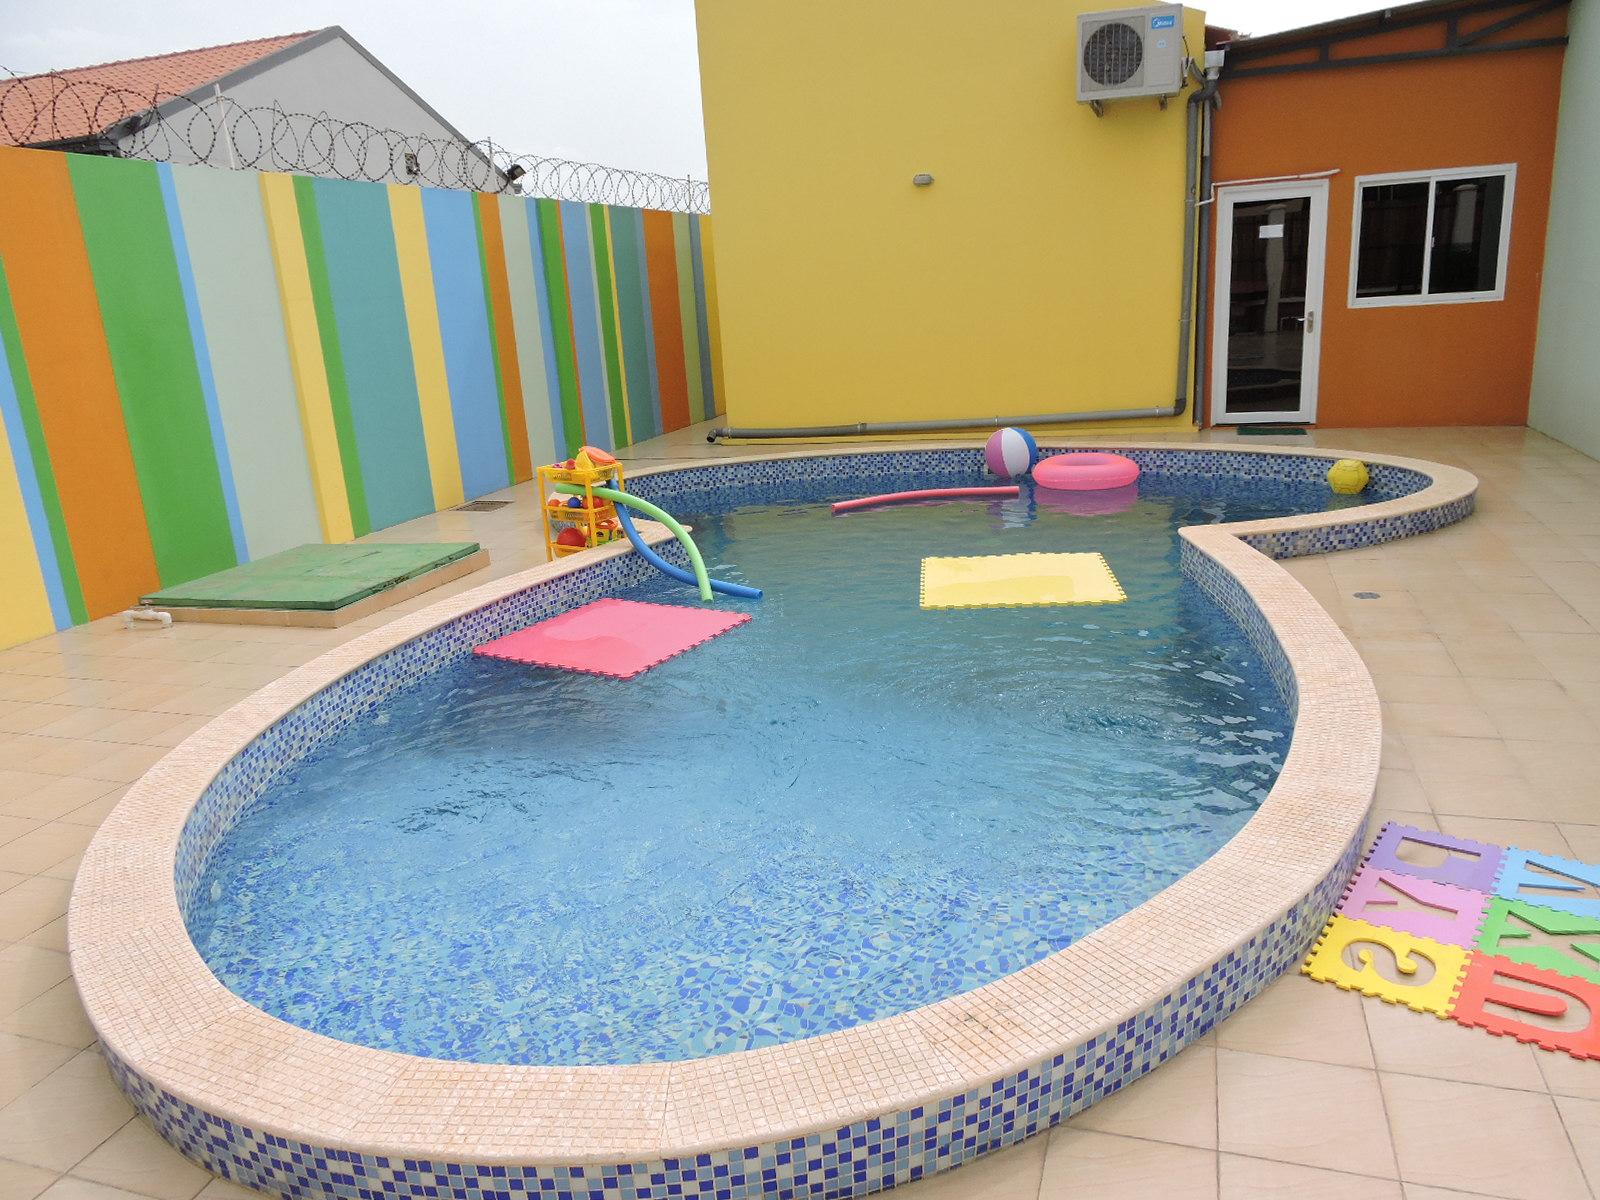 Coberturas para piscinas imanova toldos for Toldos para piscinas